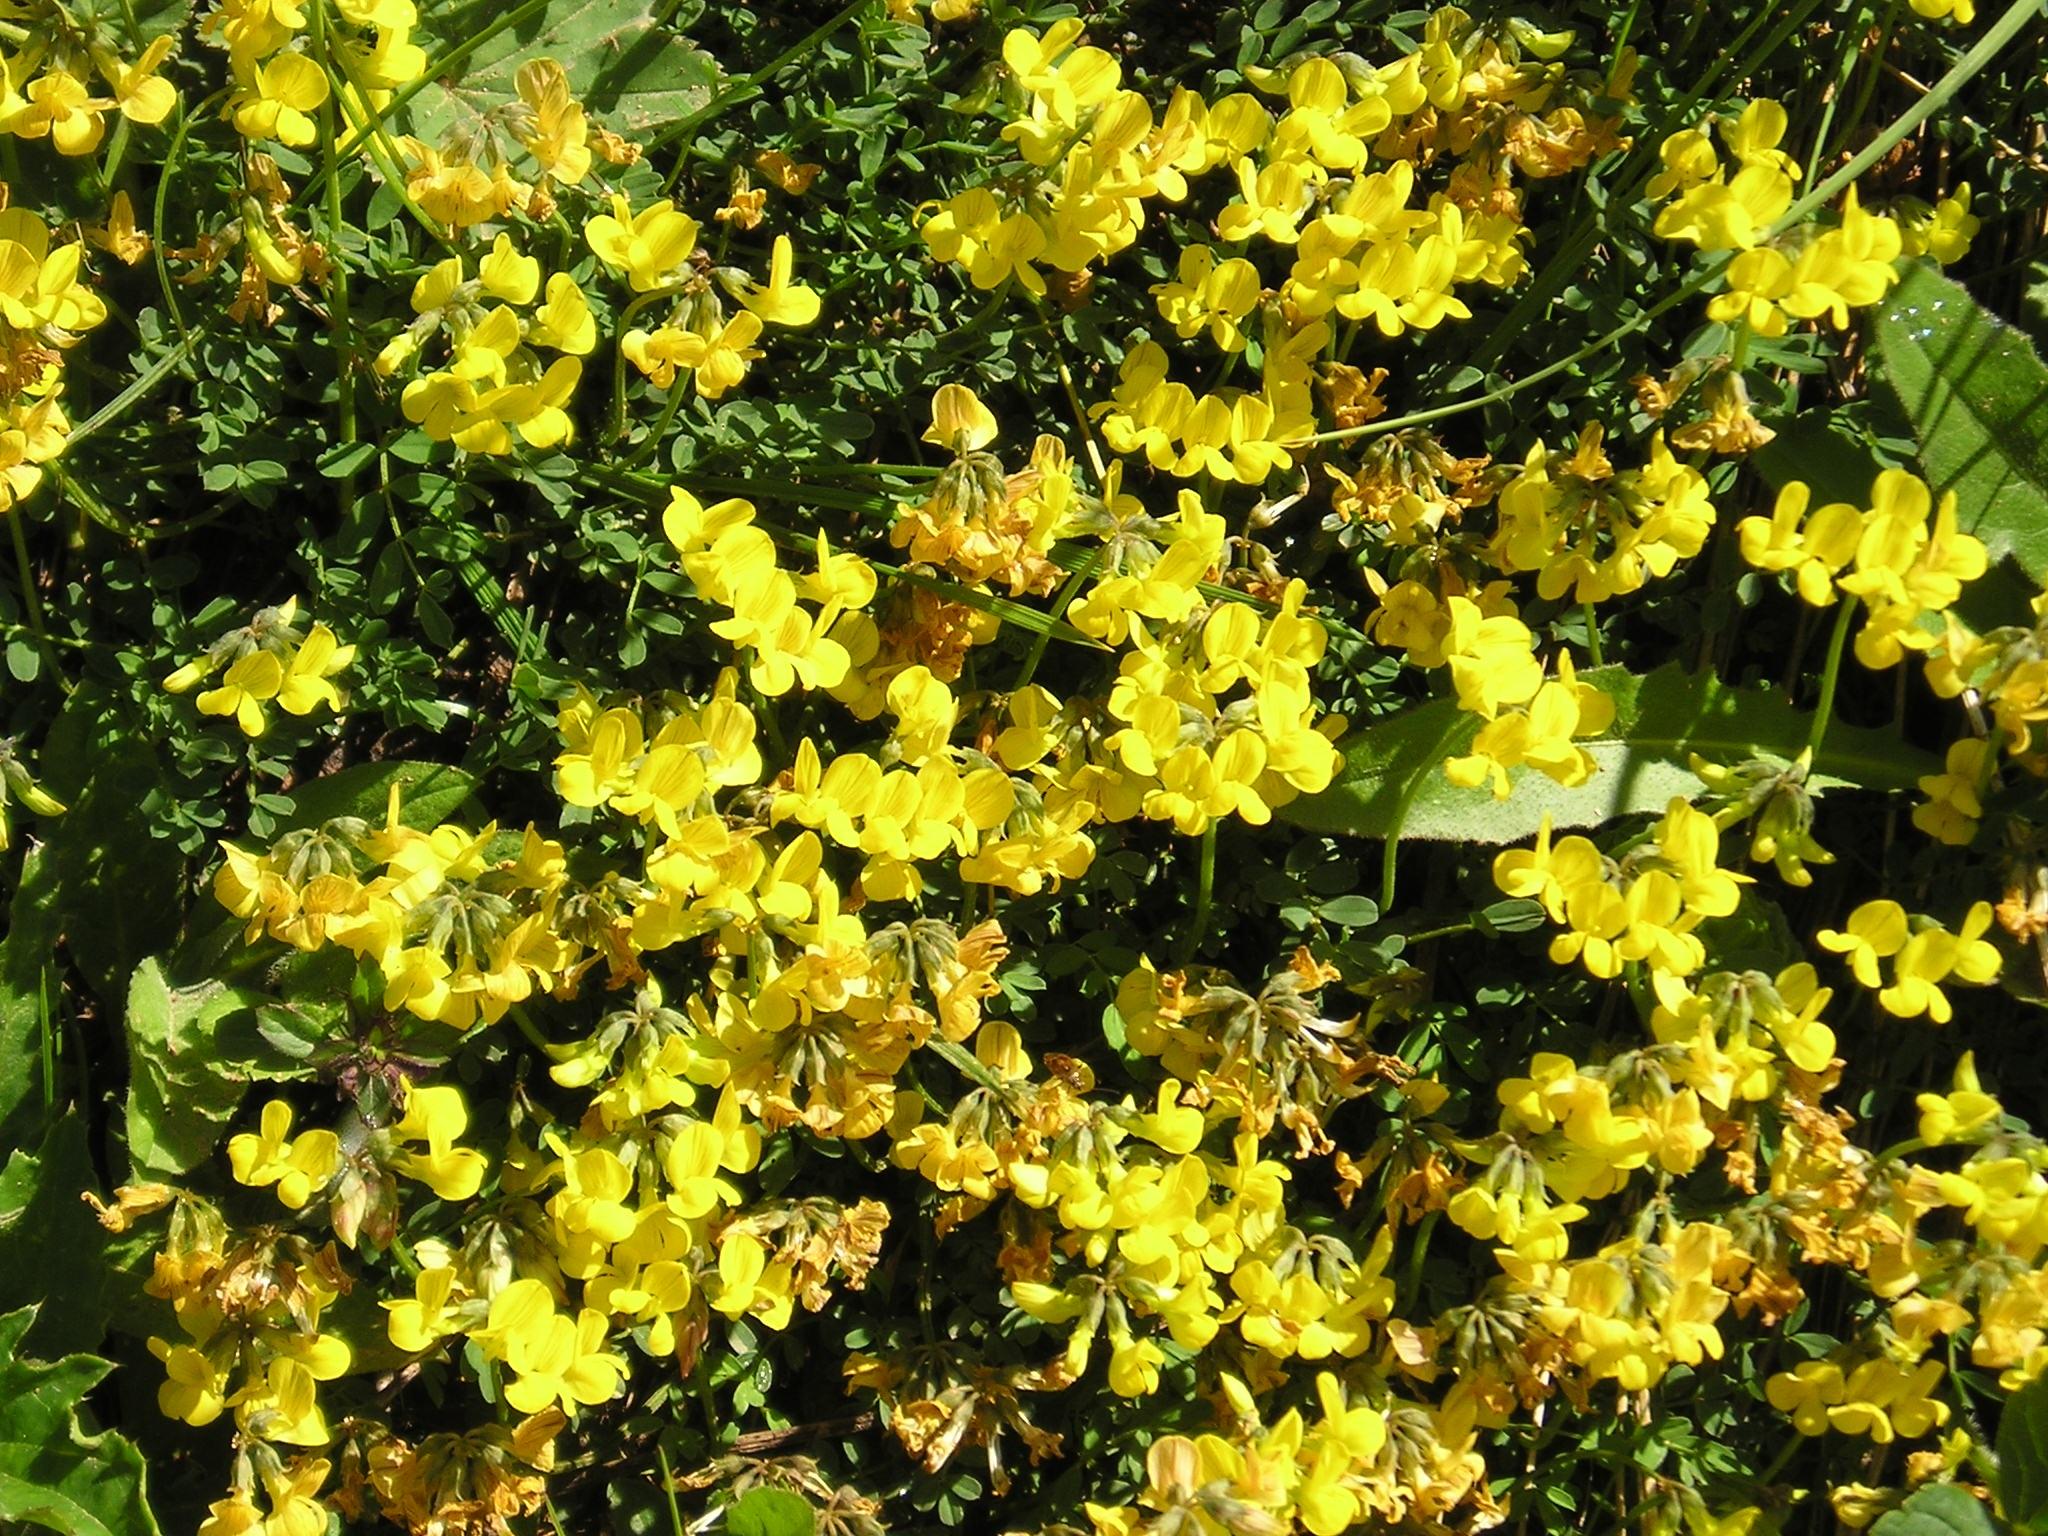 Fiori Alpini Gialli.Immagini Belle Fiore Cibo Produrre Sempreverde Giallo Flora